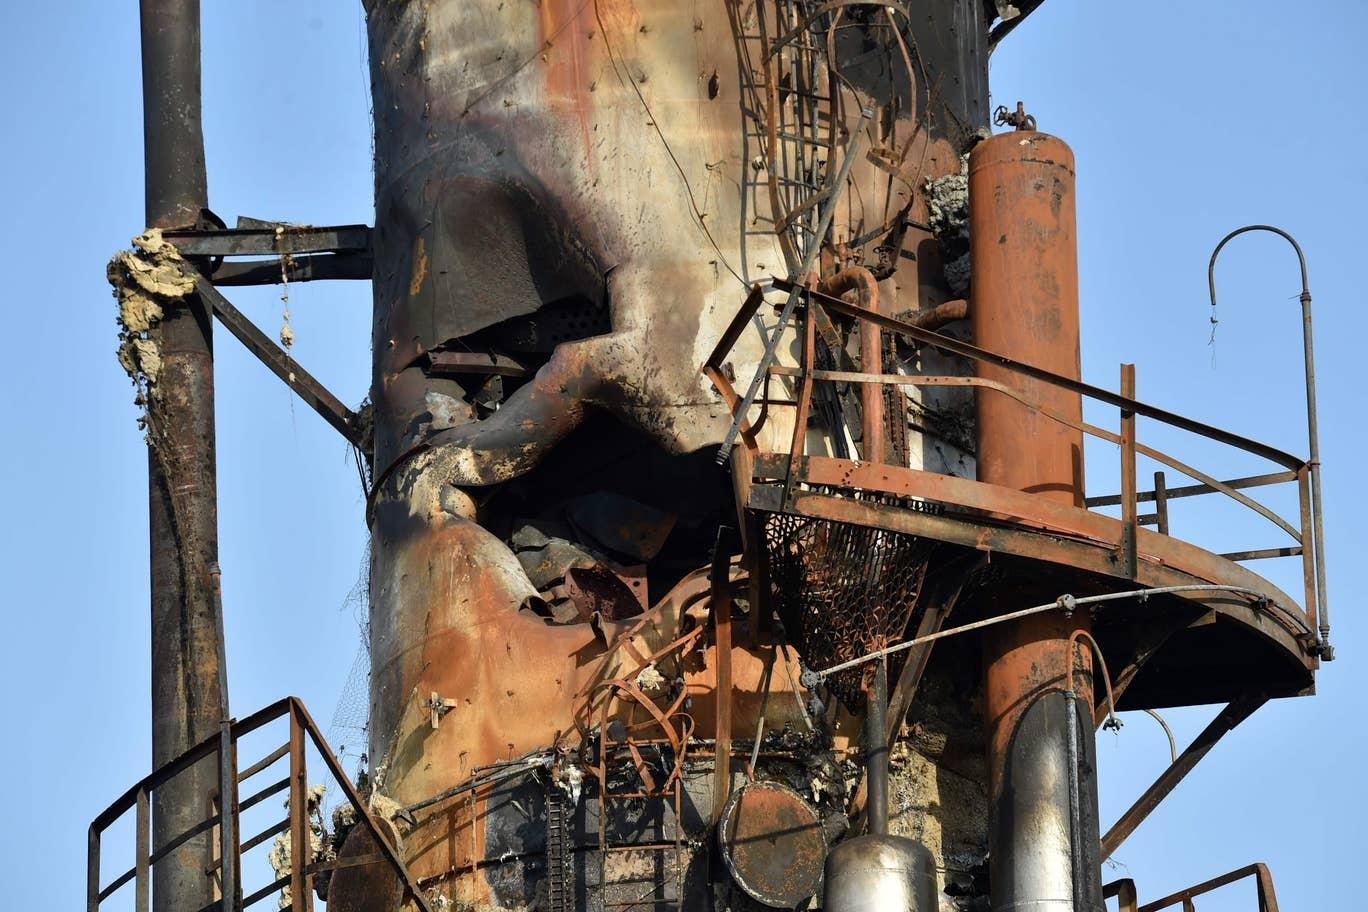 اولین تصاویر و ویدیوها از خسارات حملات پهپادی به مجتمع های نفتی عربستان سعودی